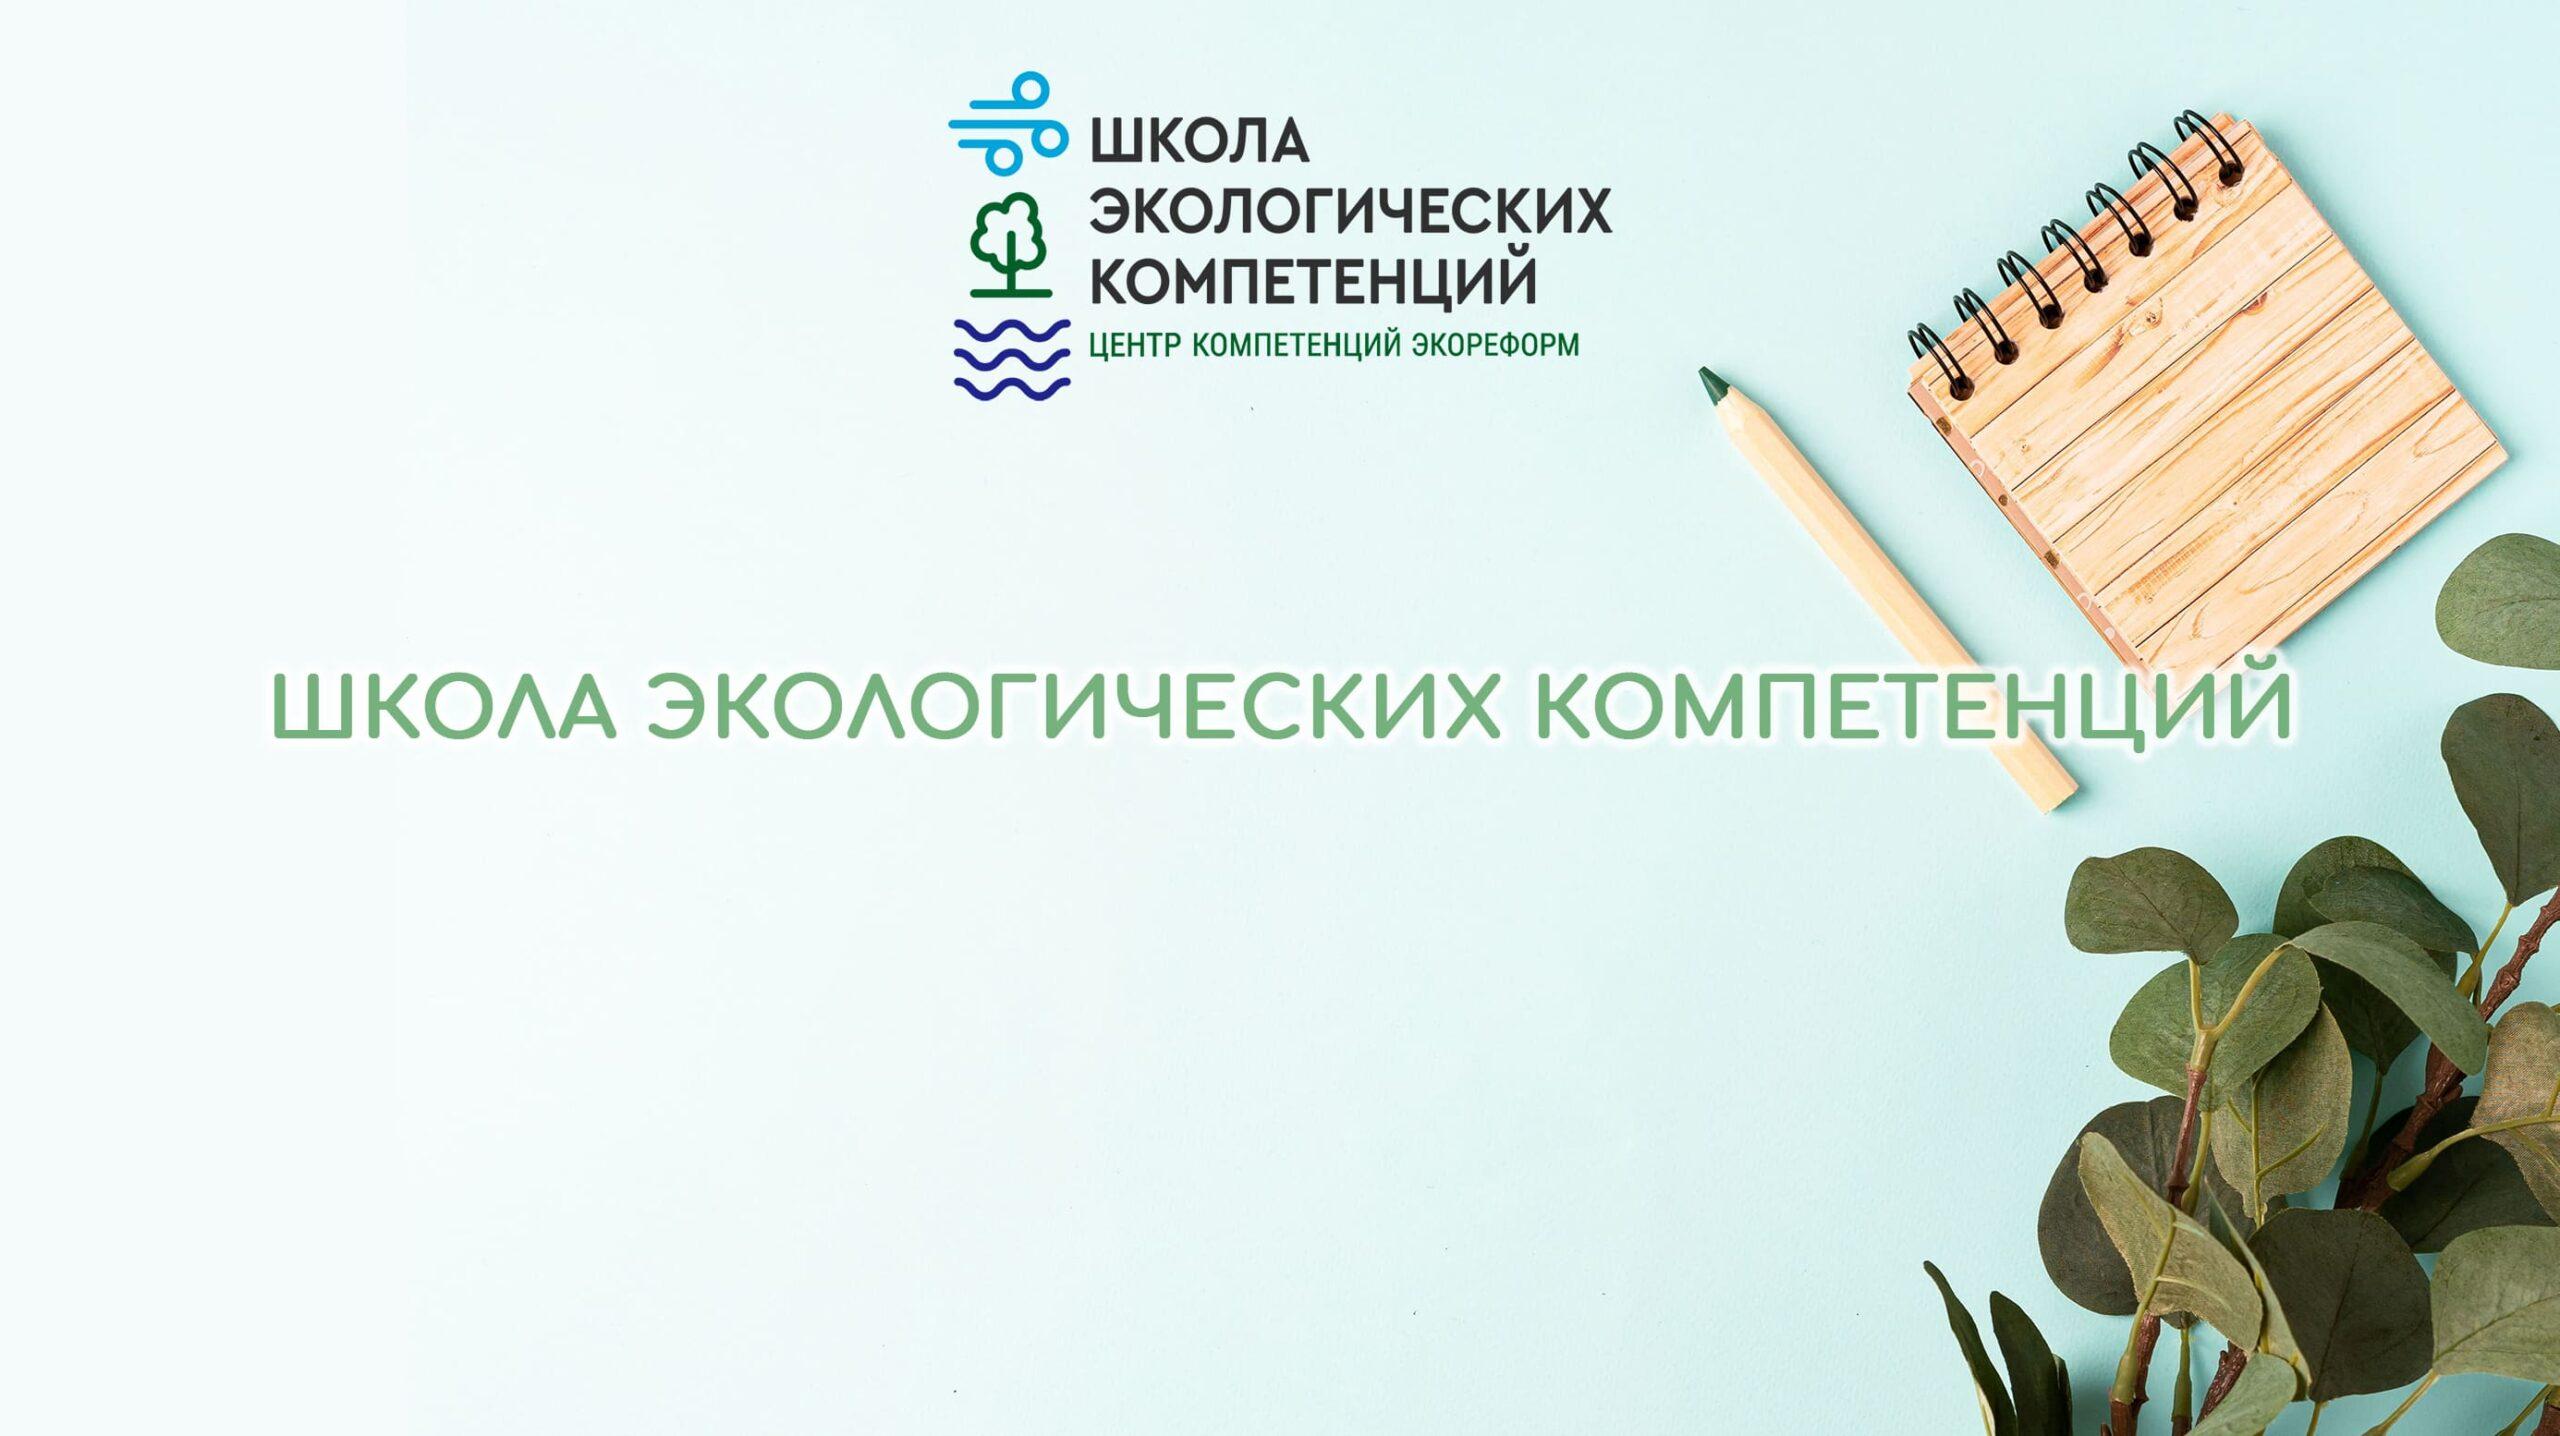 Эко-завтрак о Школе экологических компетенций Российского экологического общества